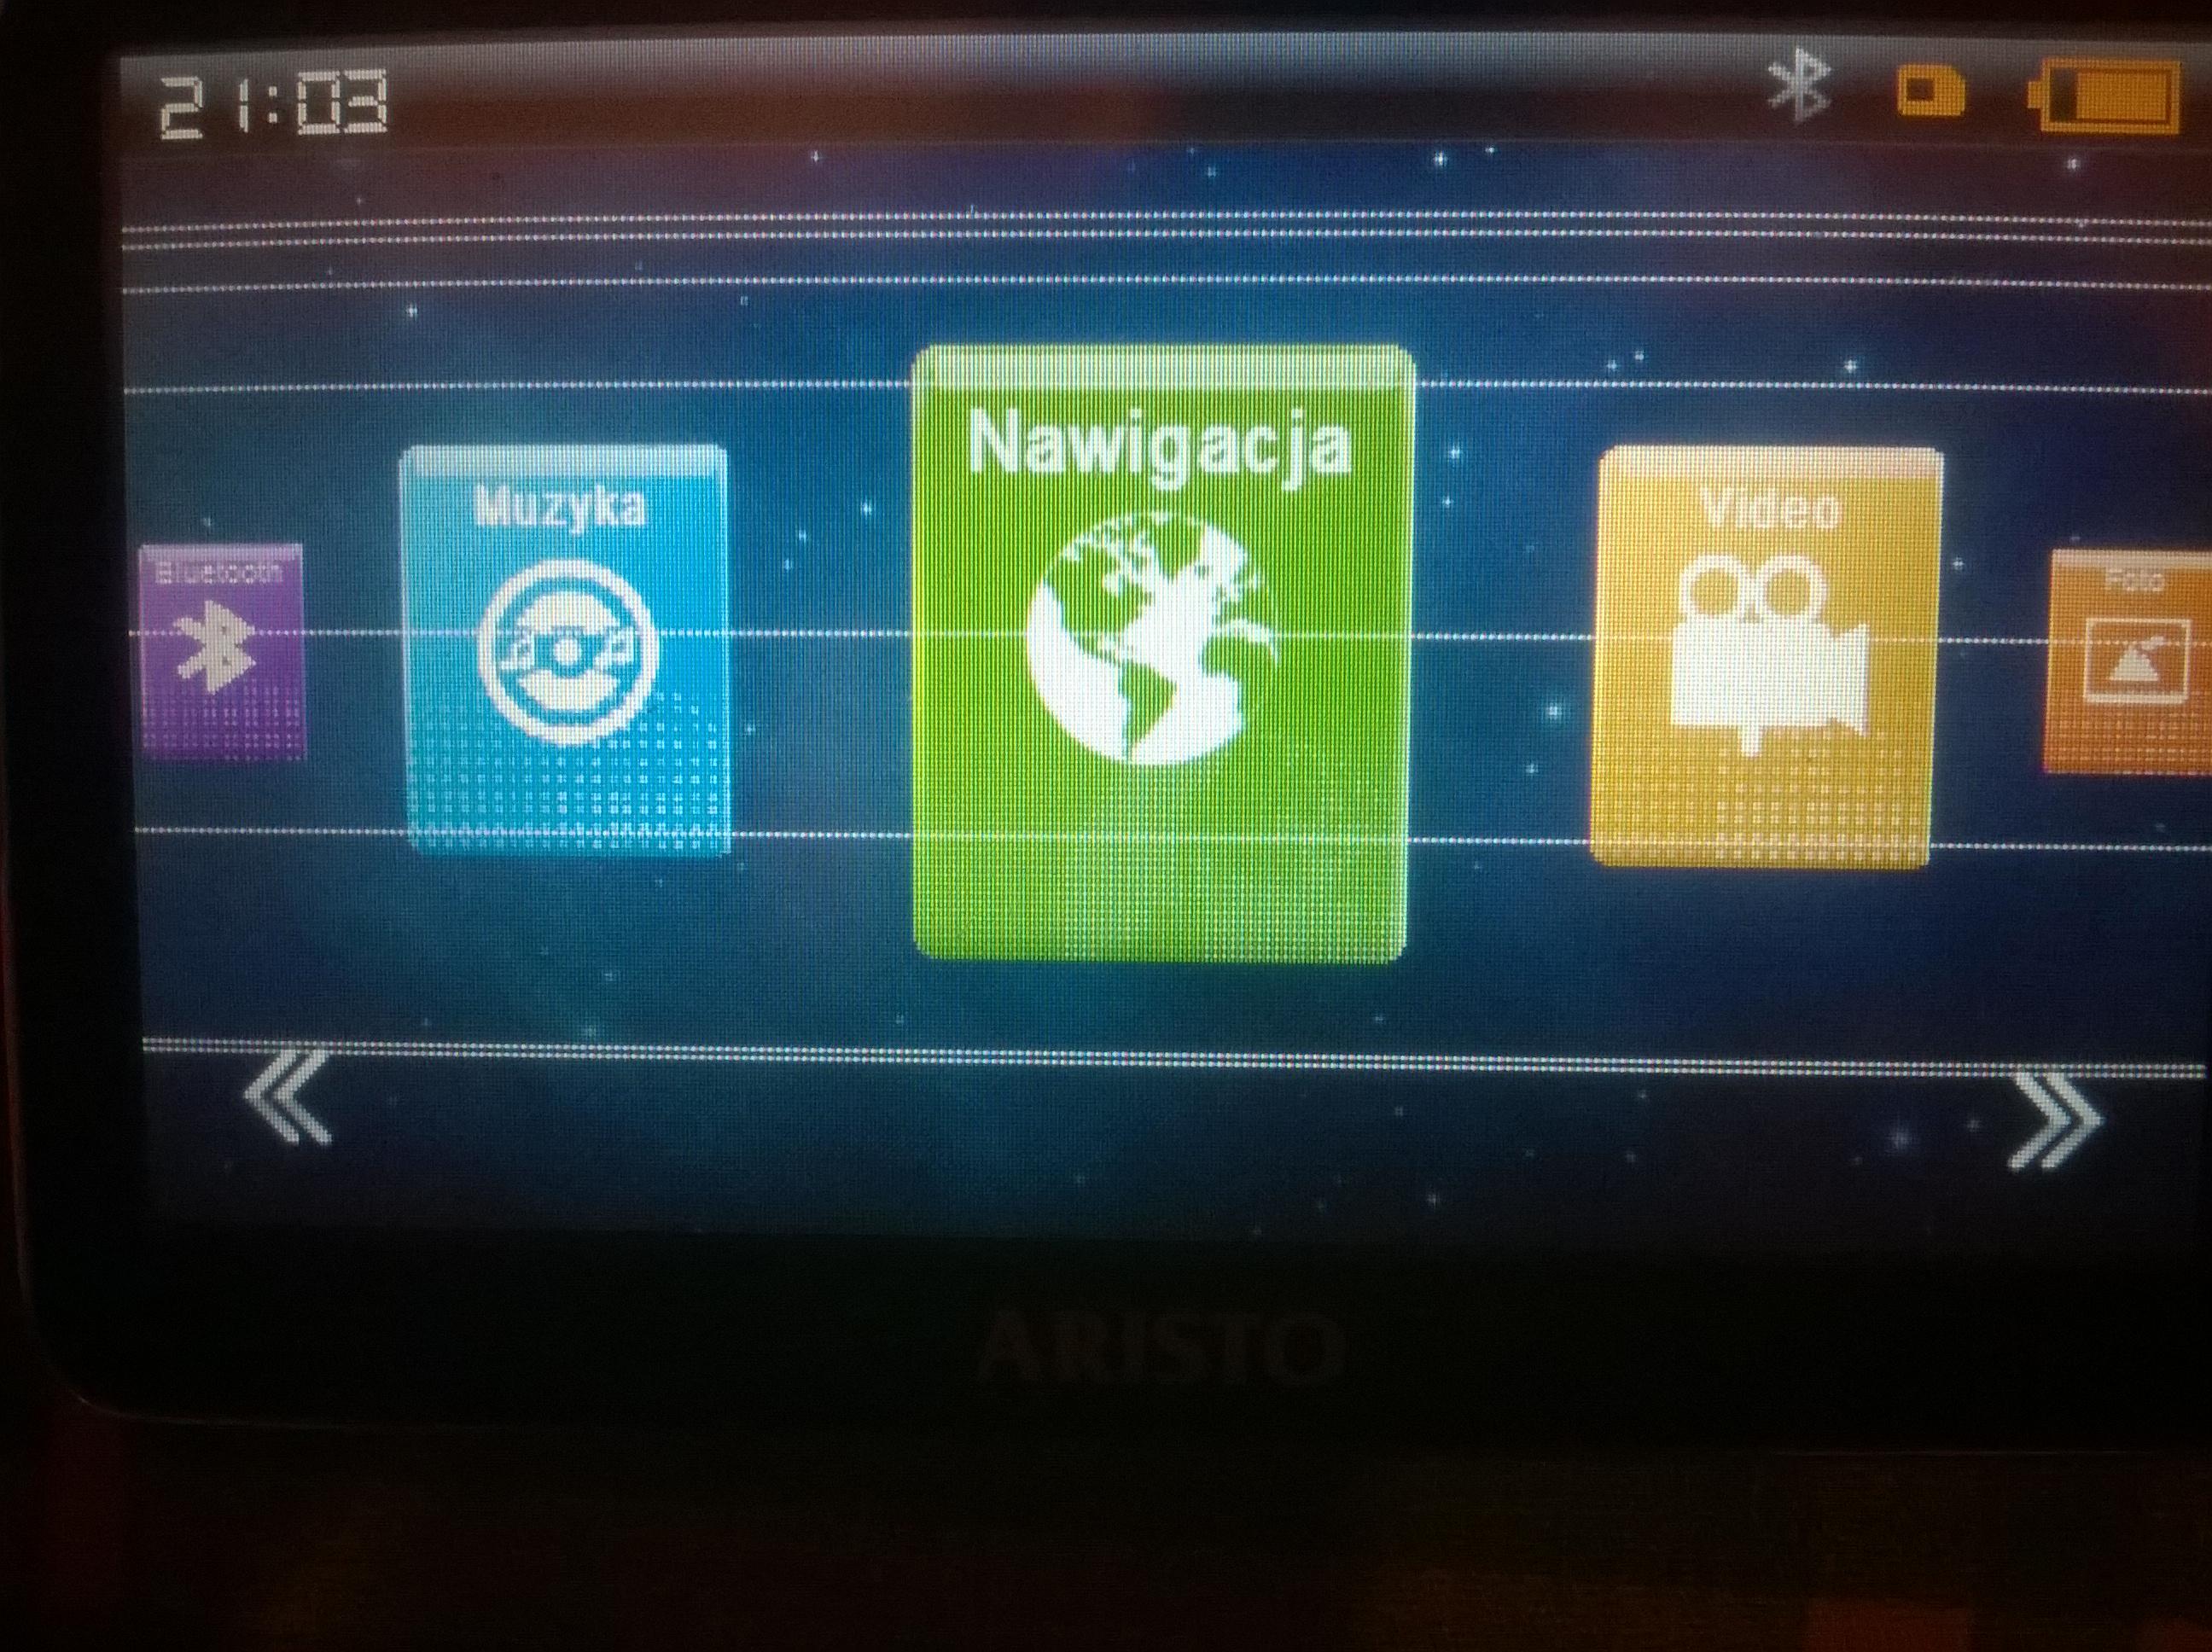 Aristo Voyager S500i - Bia�e poziome paski na ekranie